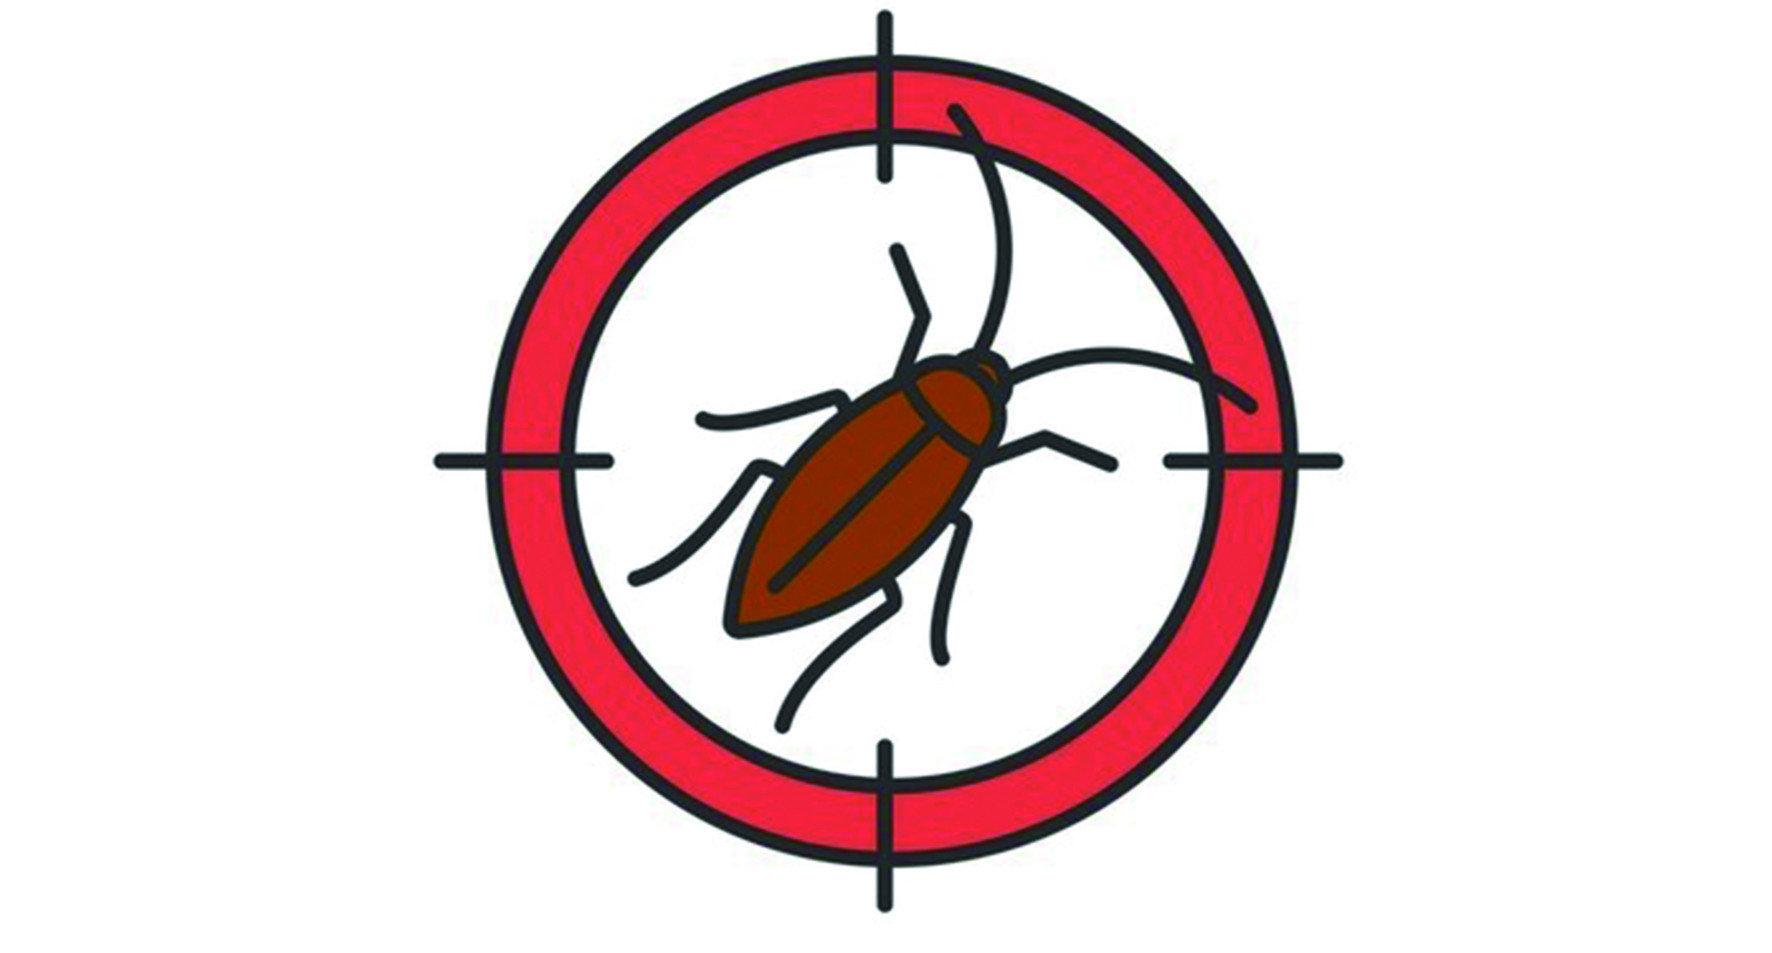 居家害蟲之首:蟑螂,蟑螂-大概是最常見的居家害蟲,也是令最多人驚懼、頭痛不已的頑強昆蟲。